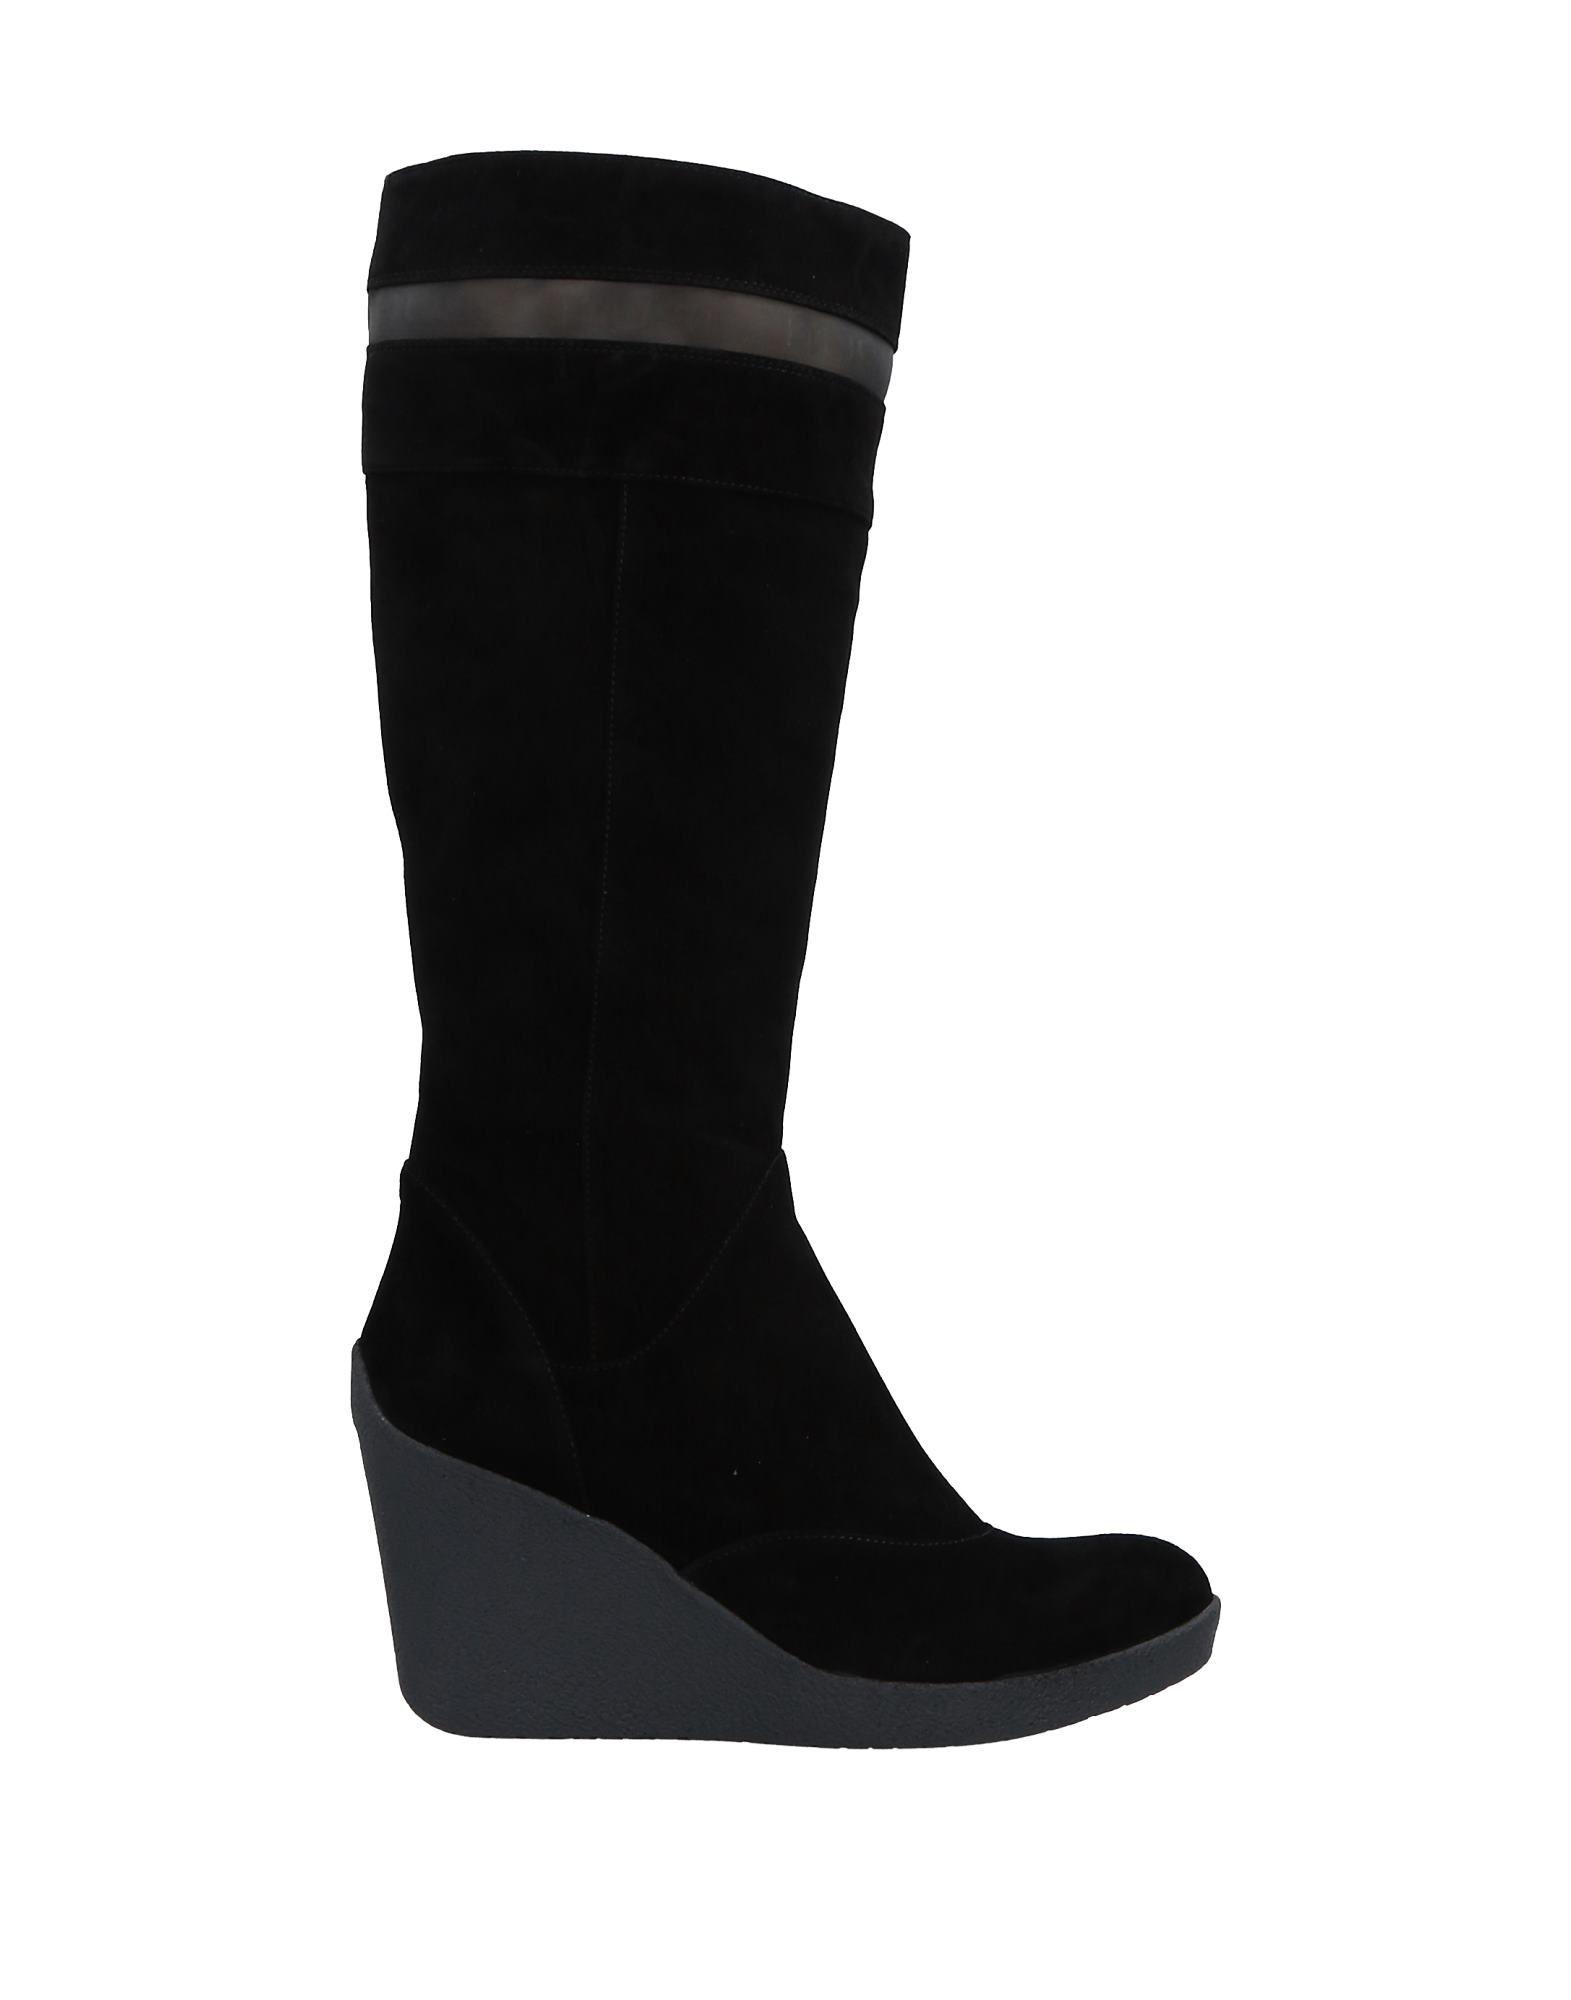 Sneakers O.X.S. Uomo - 11354937RV Scarpe economiche e buone